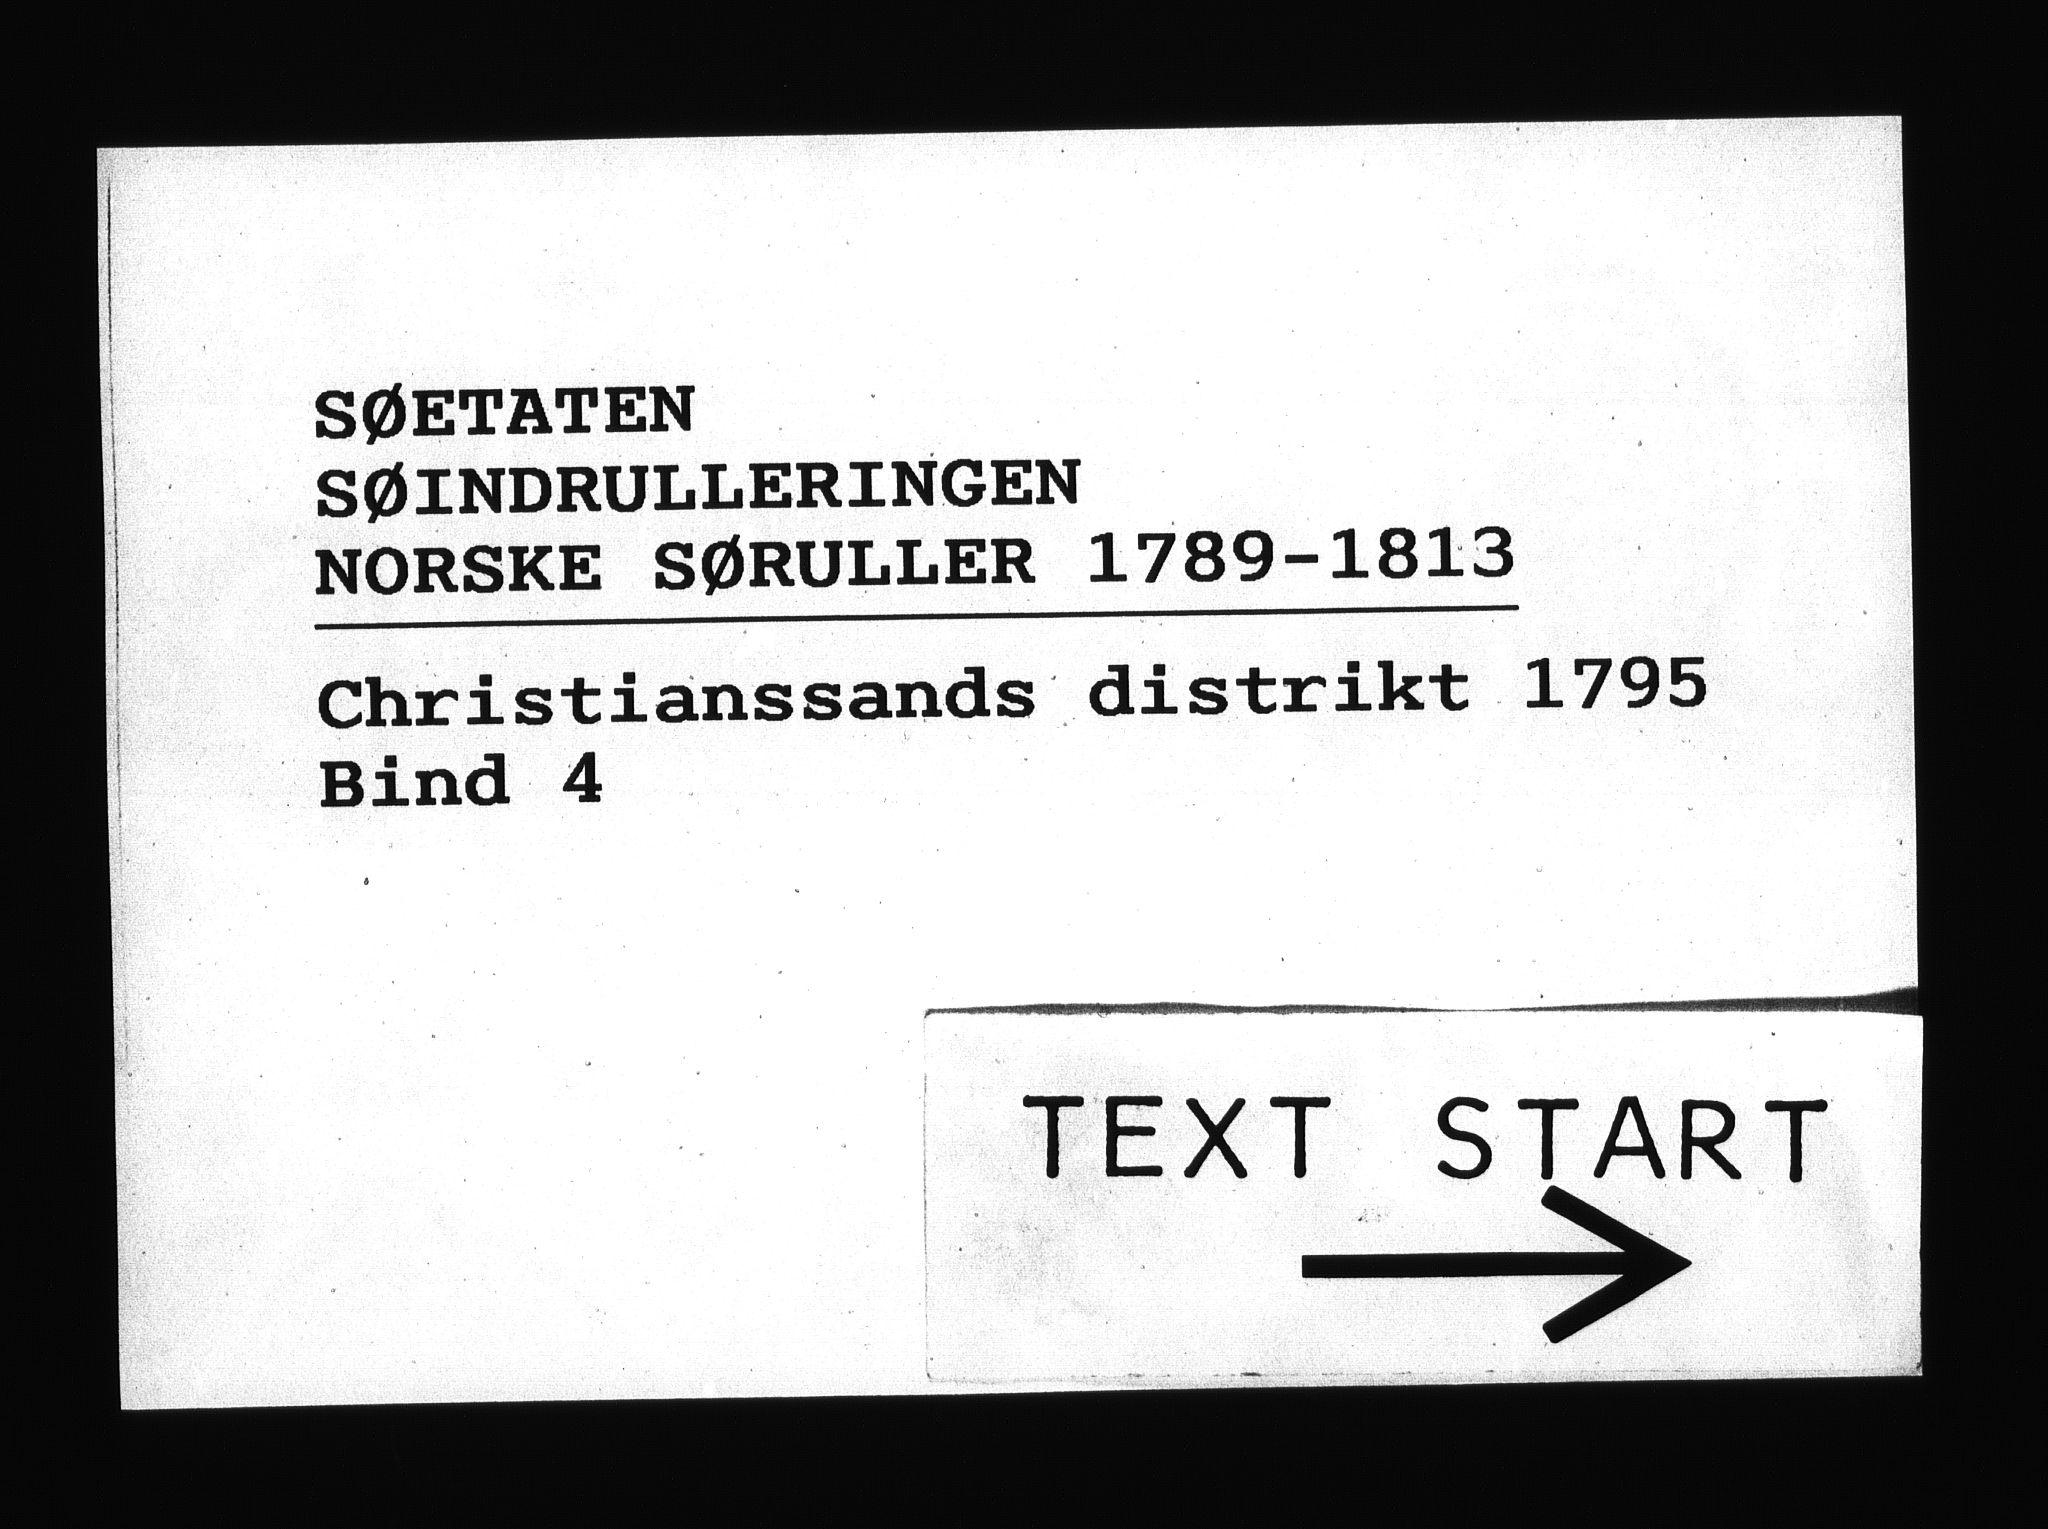 RA, Sjøetaten, F/L0025: Kristiansand distrikt, bind 4, 1795